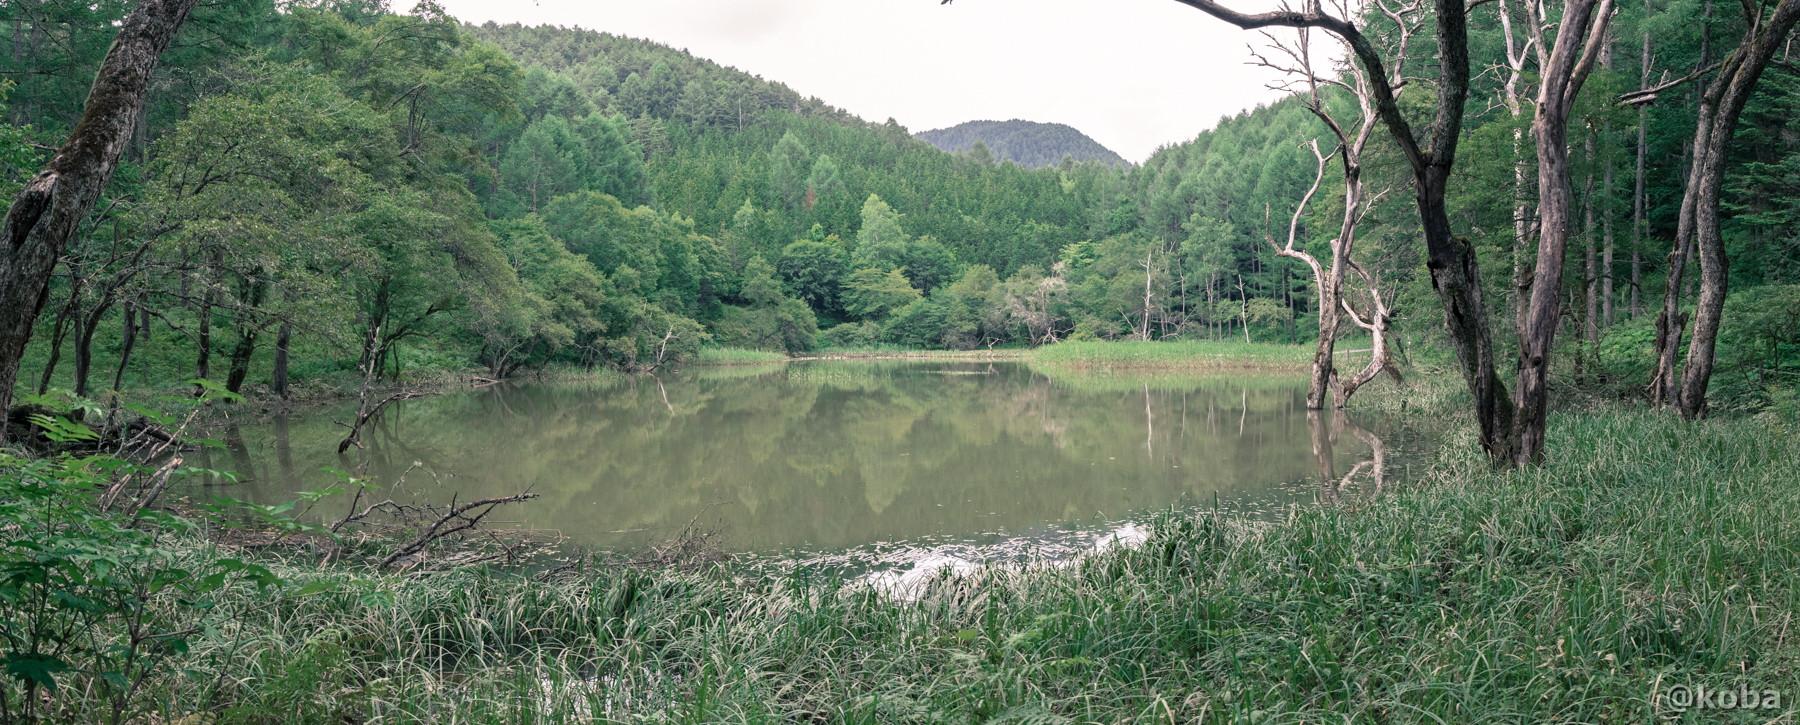 パノラマ画像 panorama 伝説の大池(でんせつのおおいけ) 長野県下伊那郡大鹿村鹿塩